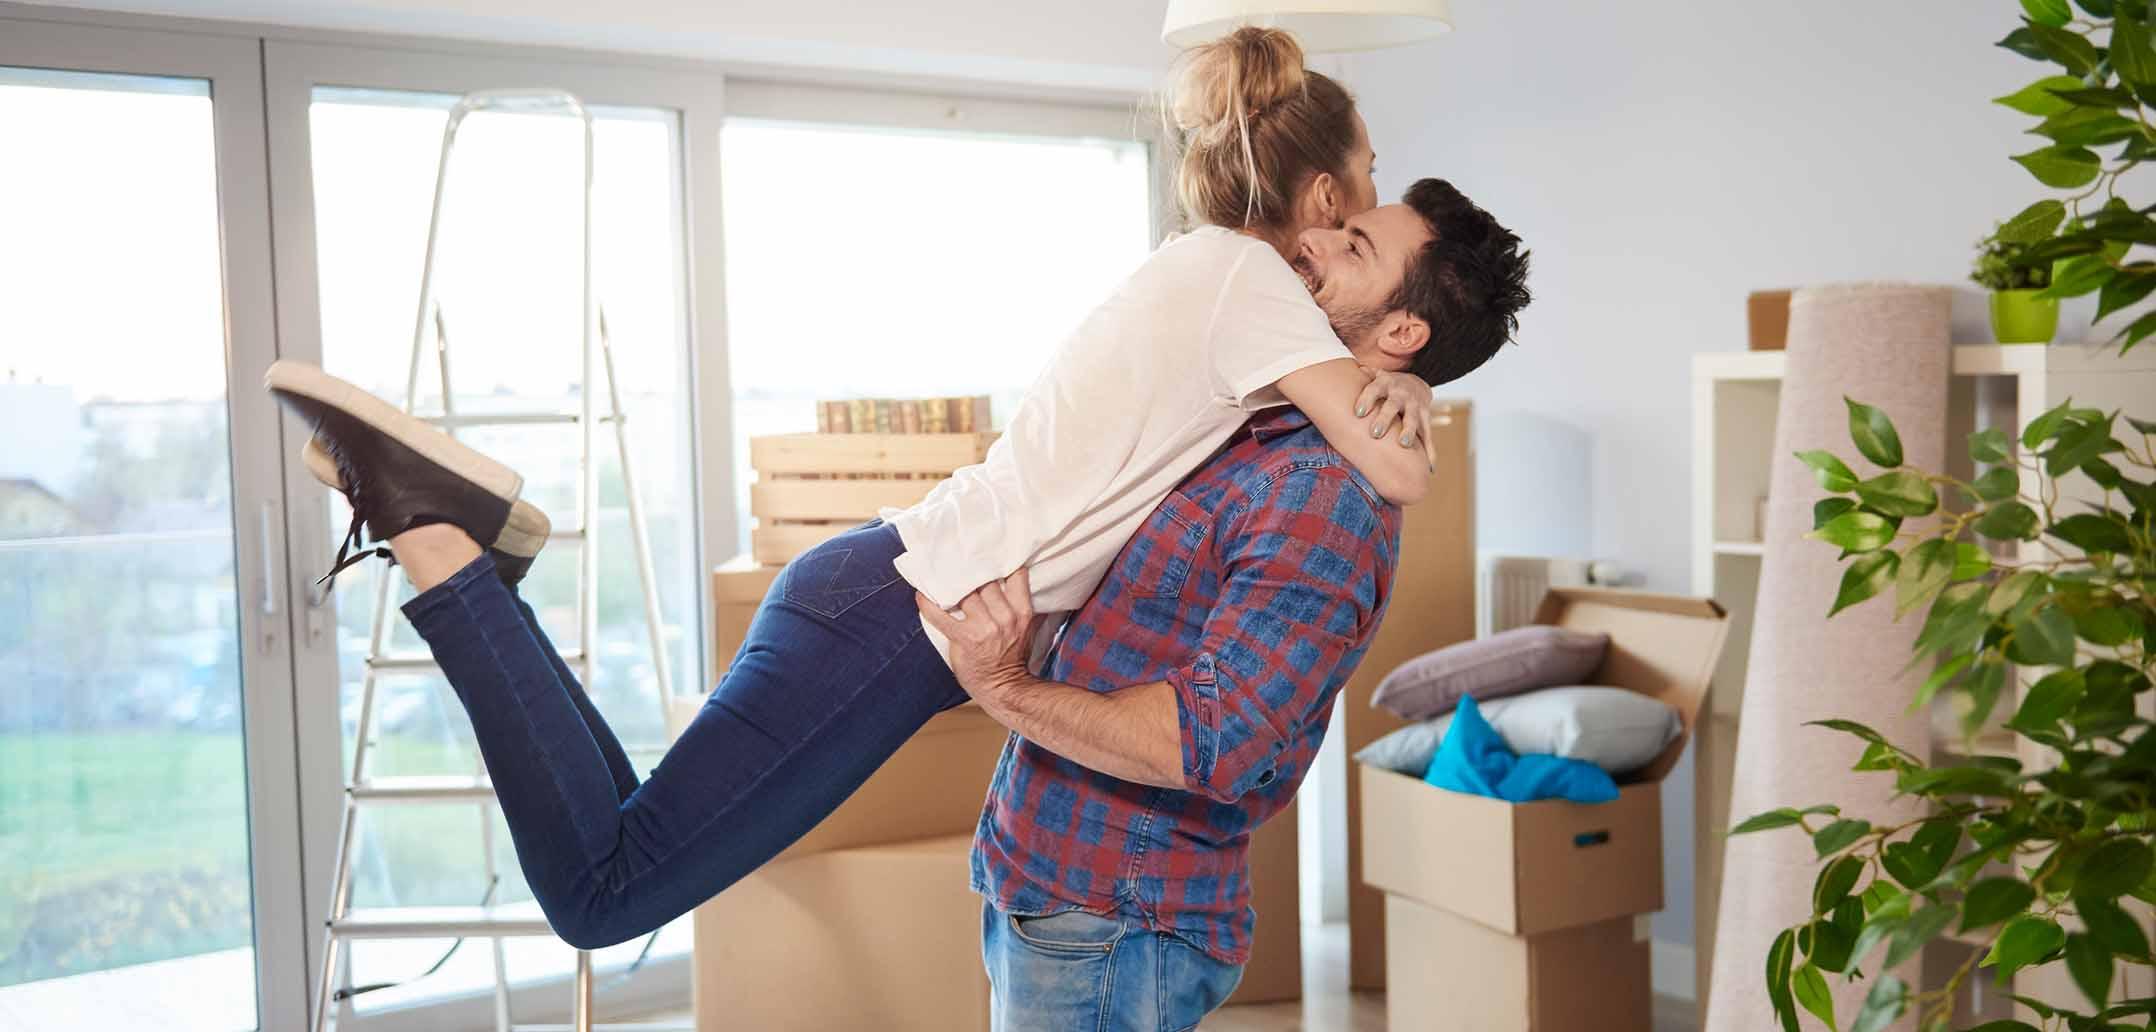 Zusammenziehen in die erste gemeinsame Wohnung, ein Abenteuer?